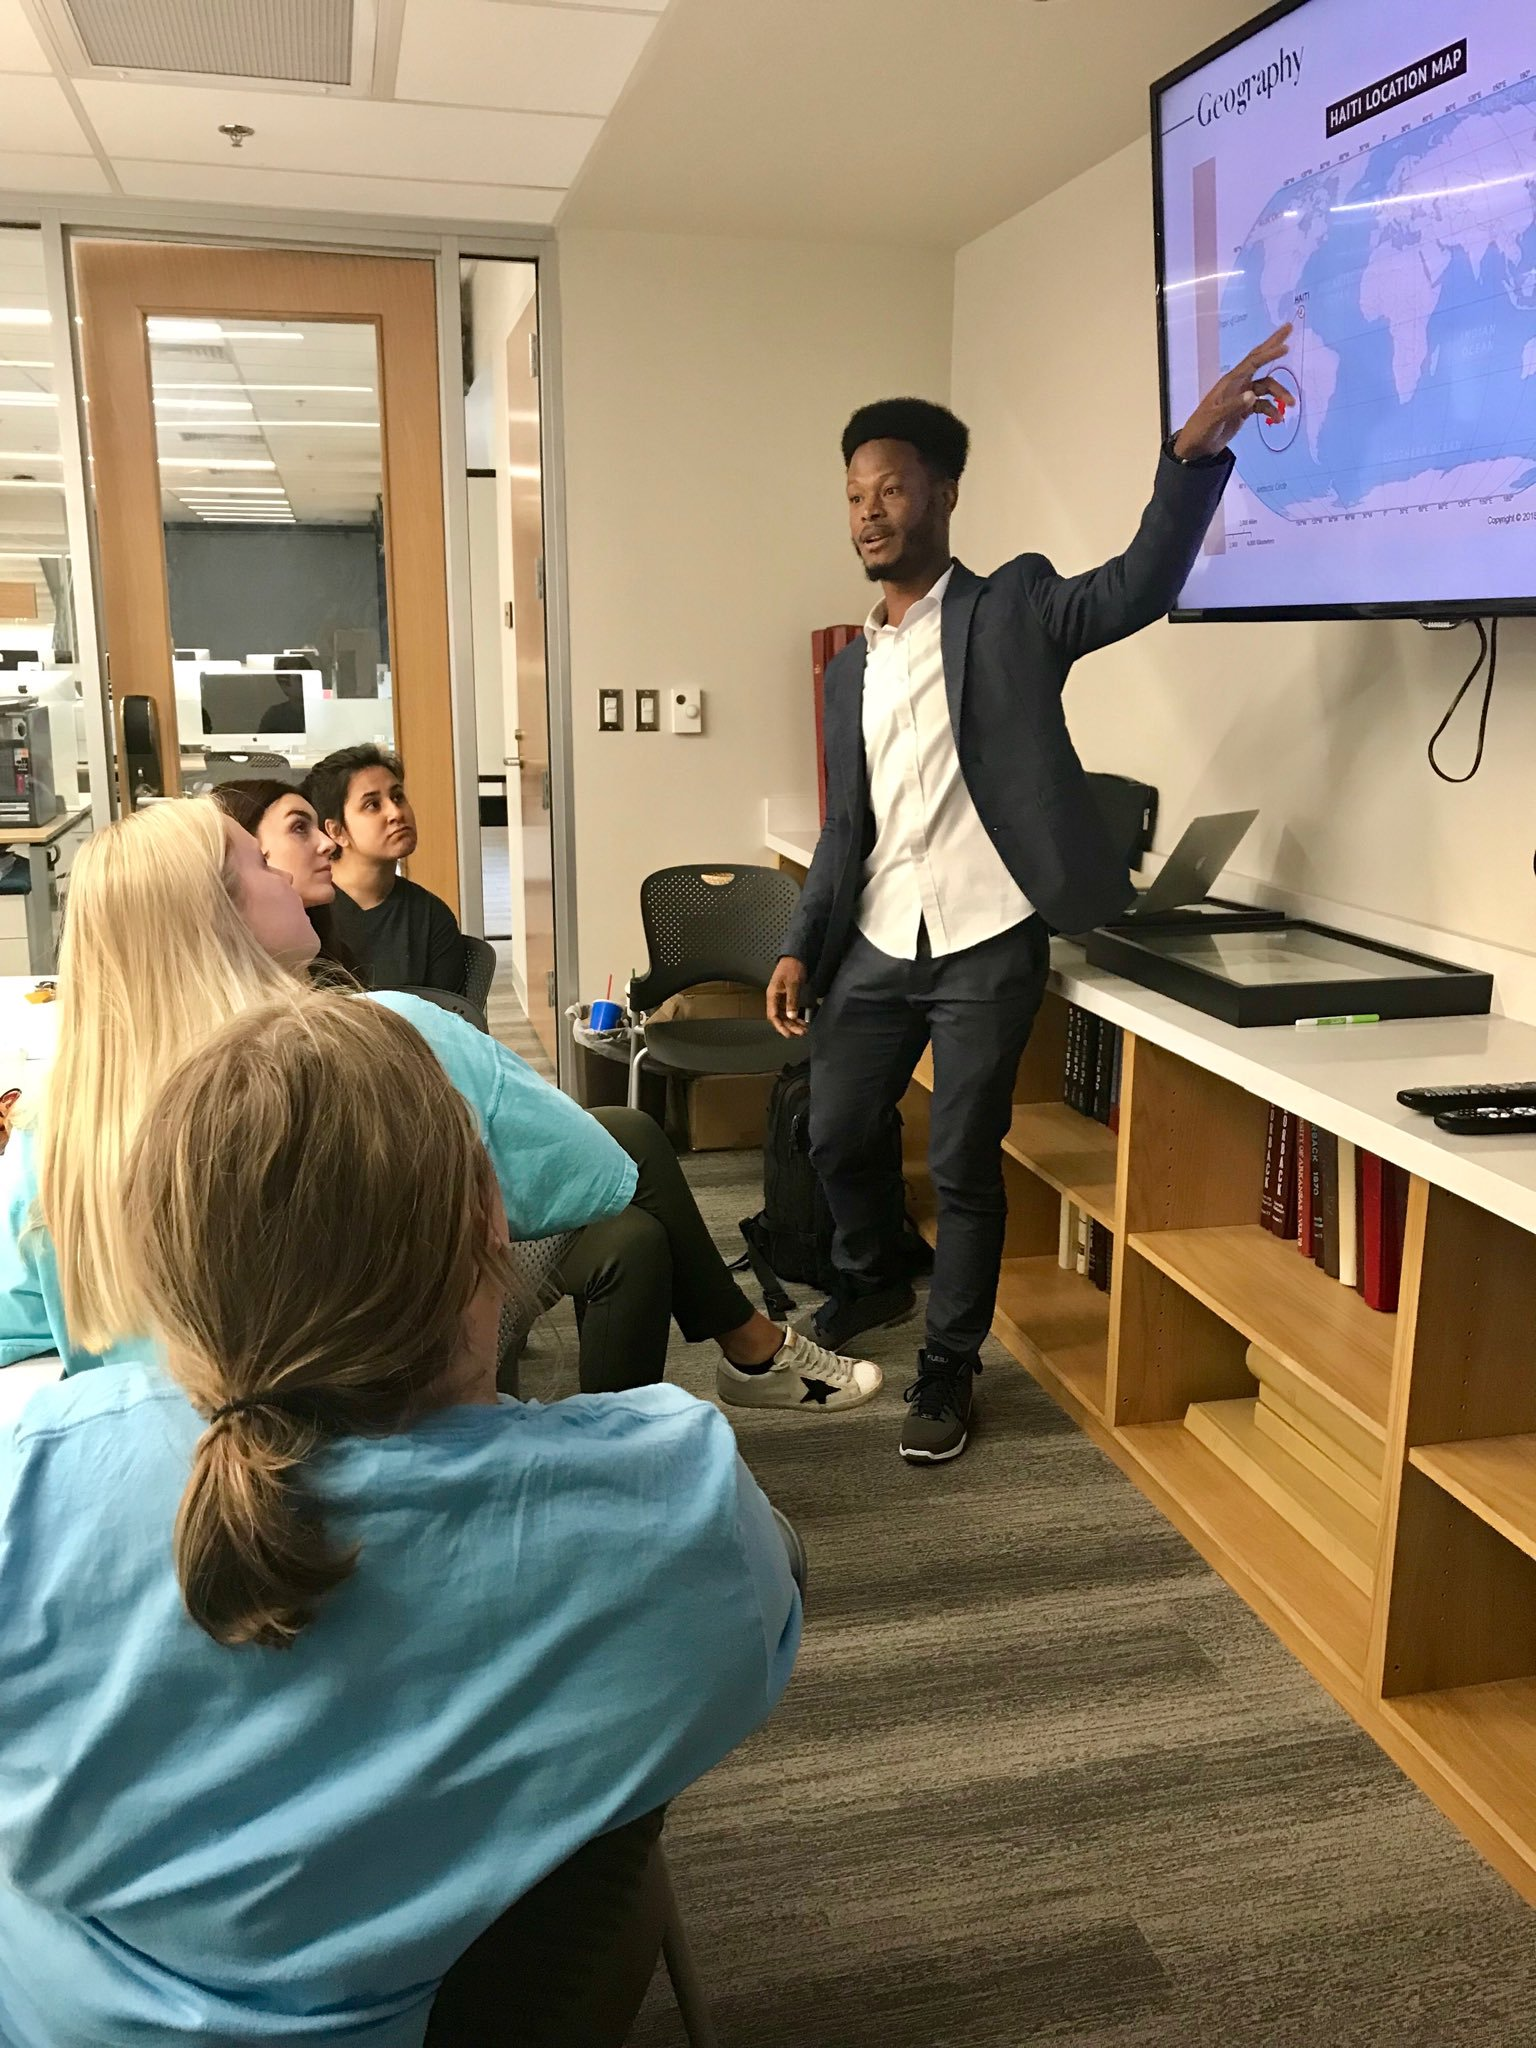 Obed Lamy en échange avec des étudiants américains dans une salle de classe à Arkansas aux États-Unis. Crédit Photo: Gina Shelton/Twitter